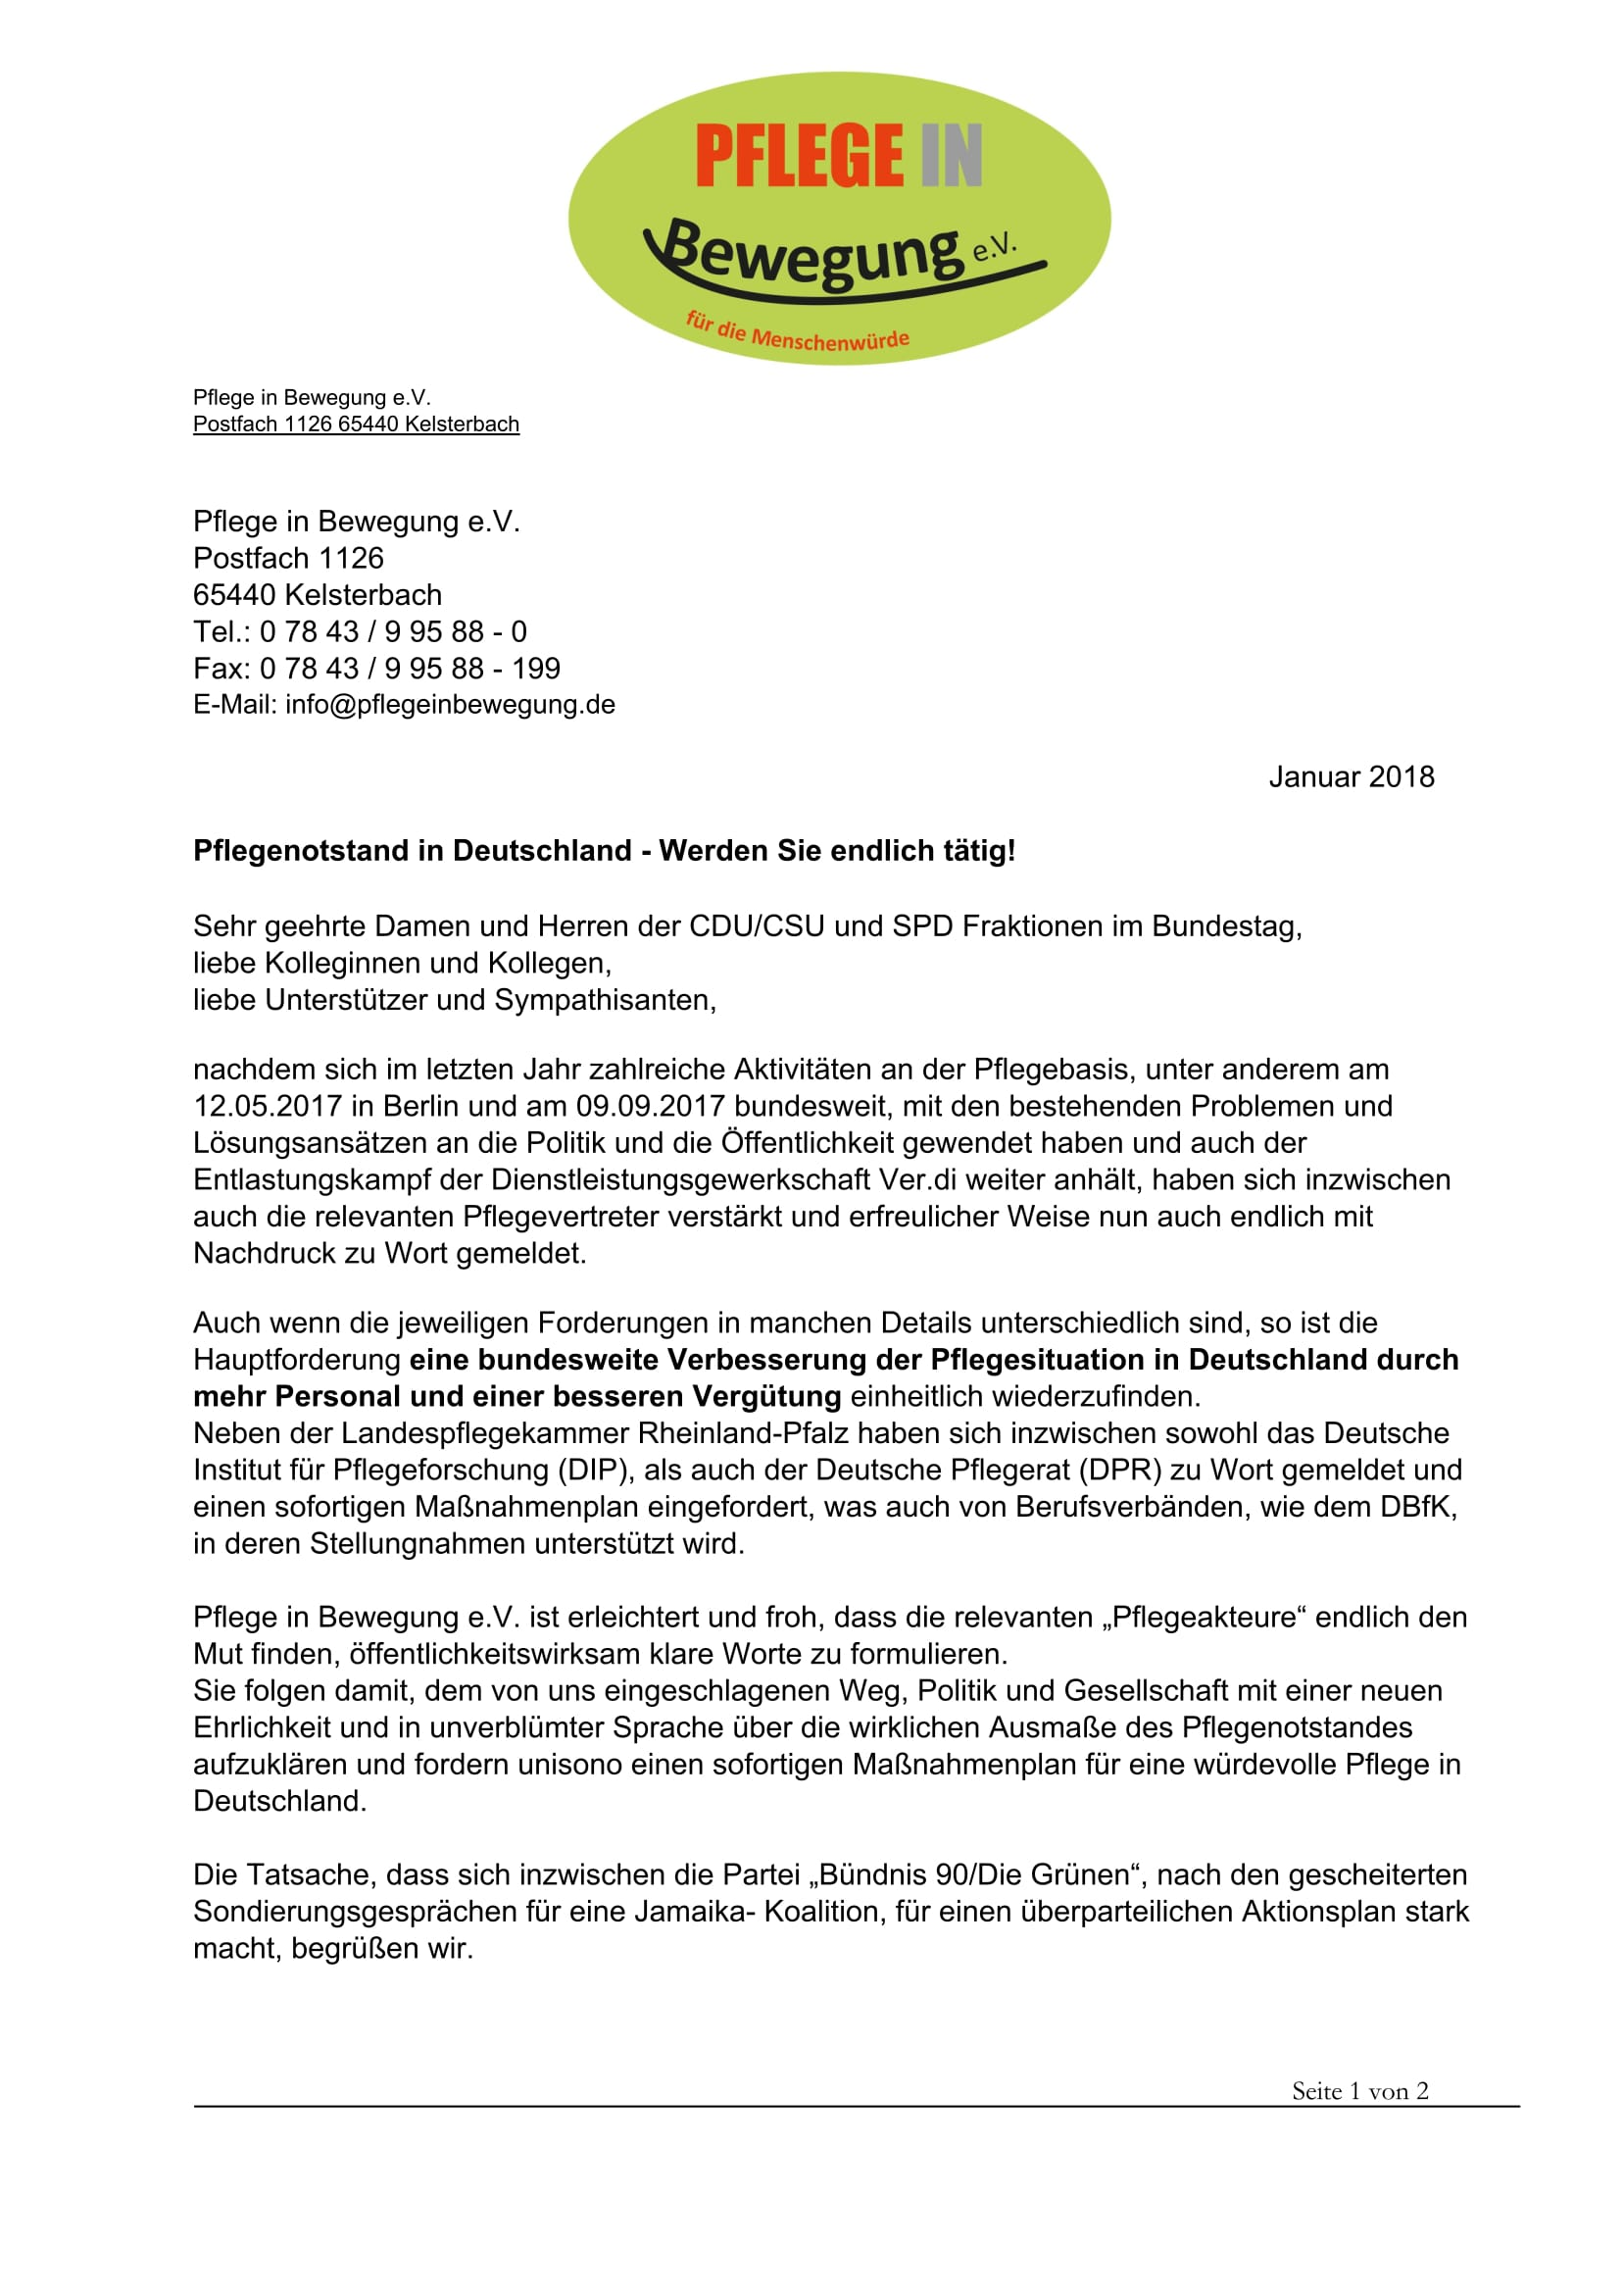 Neuer Brief Reaktion auf Text Deutscher Pflegerat (1)-1